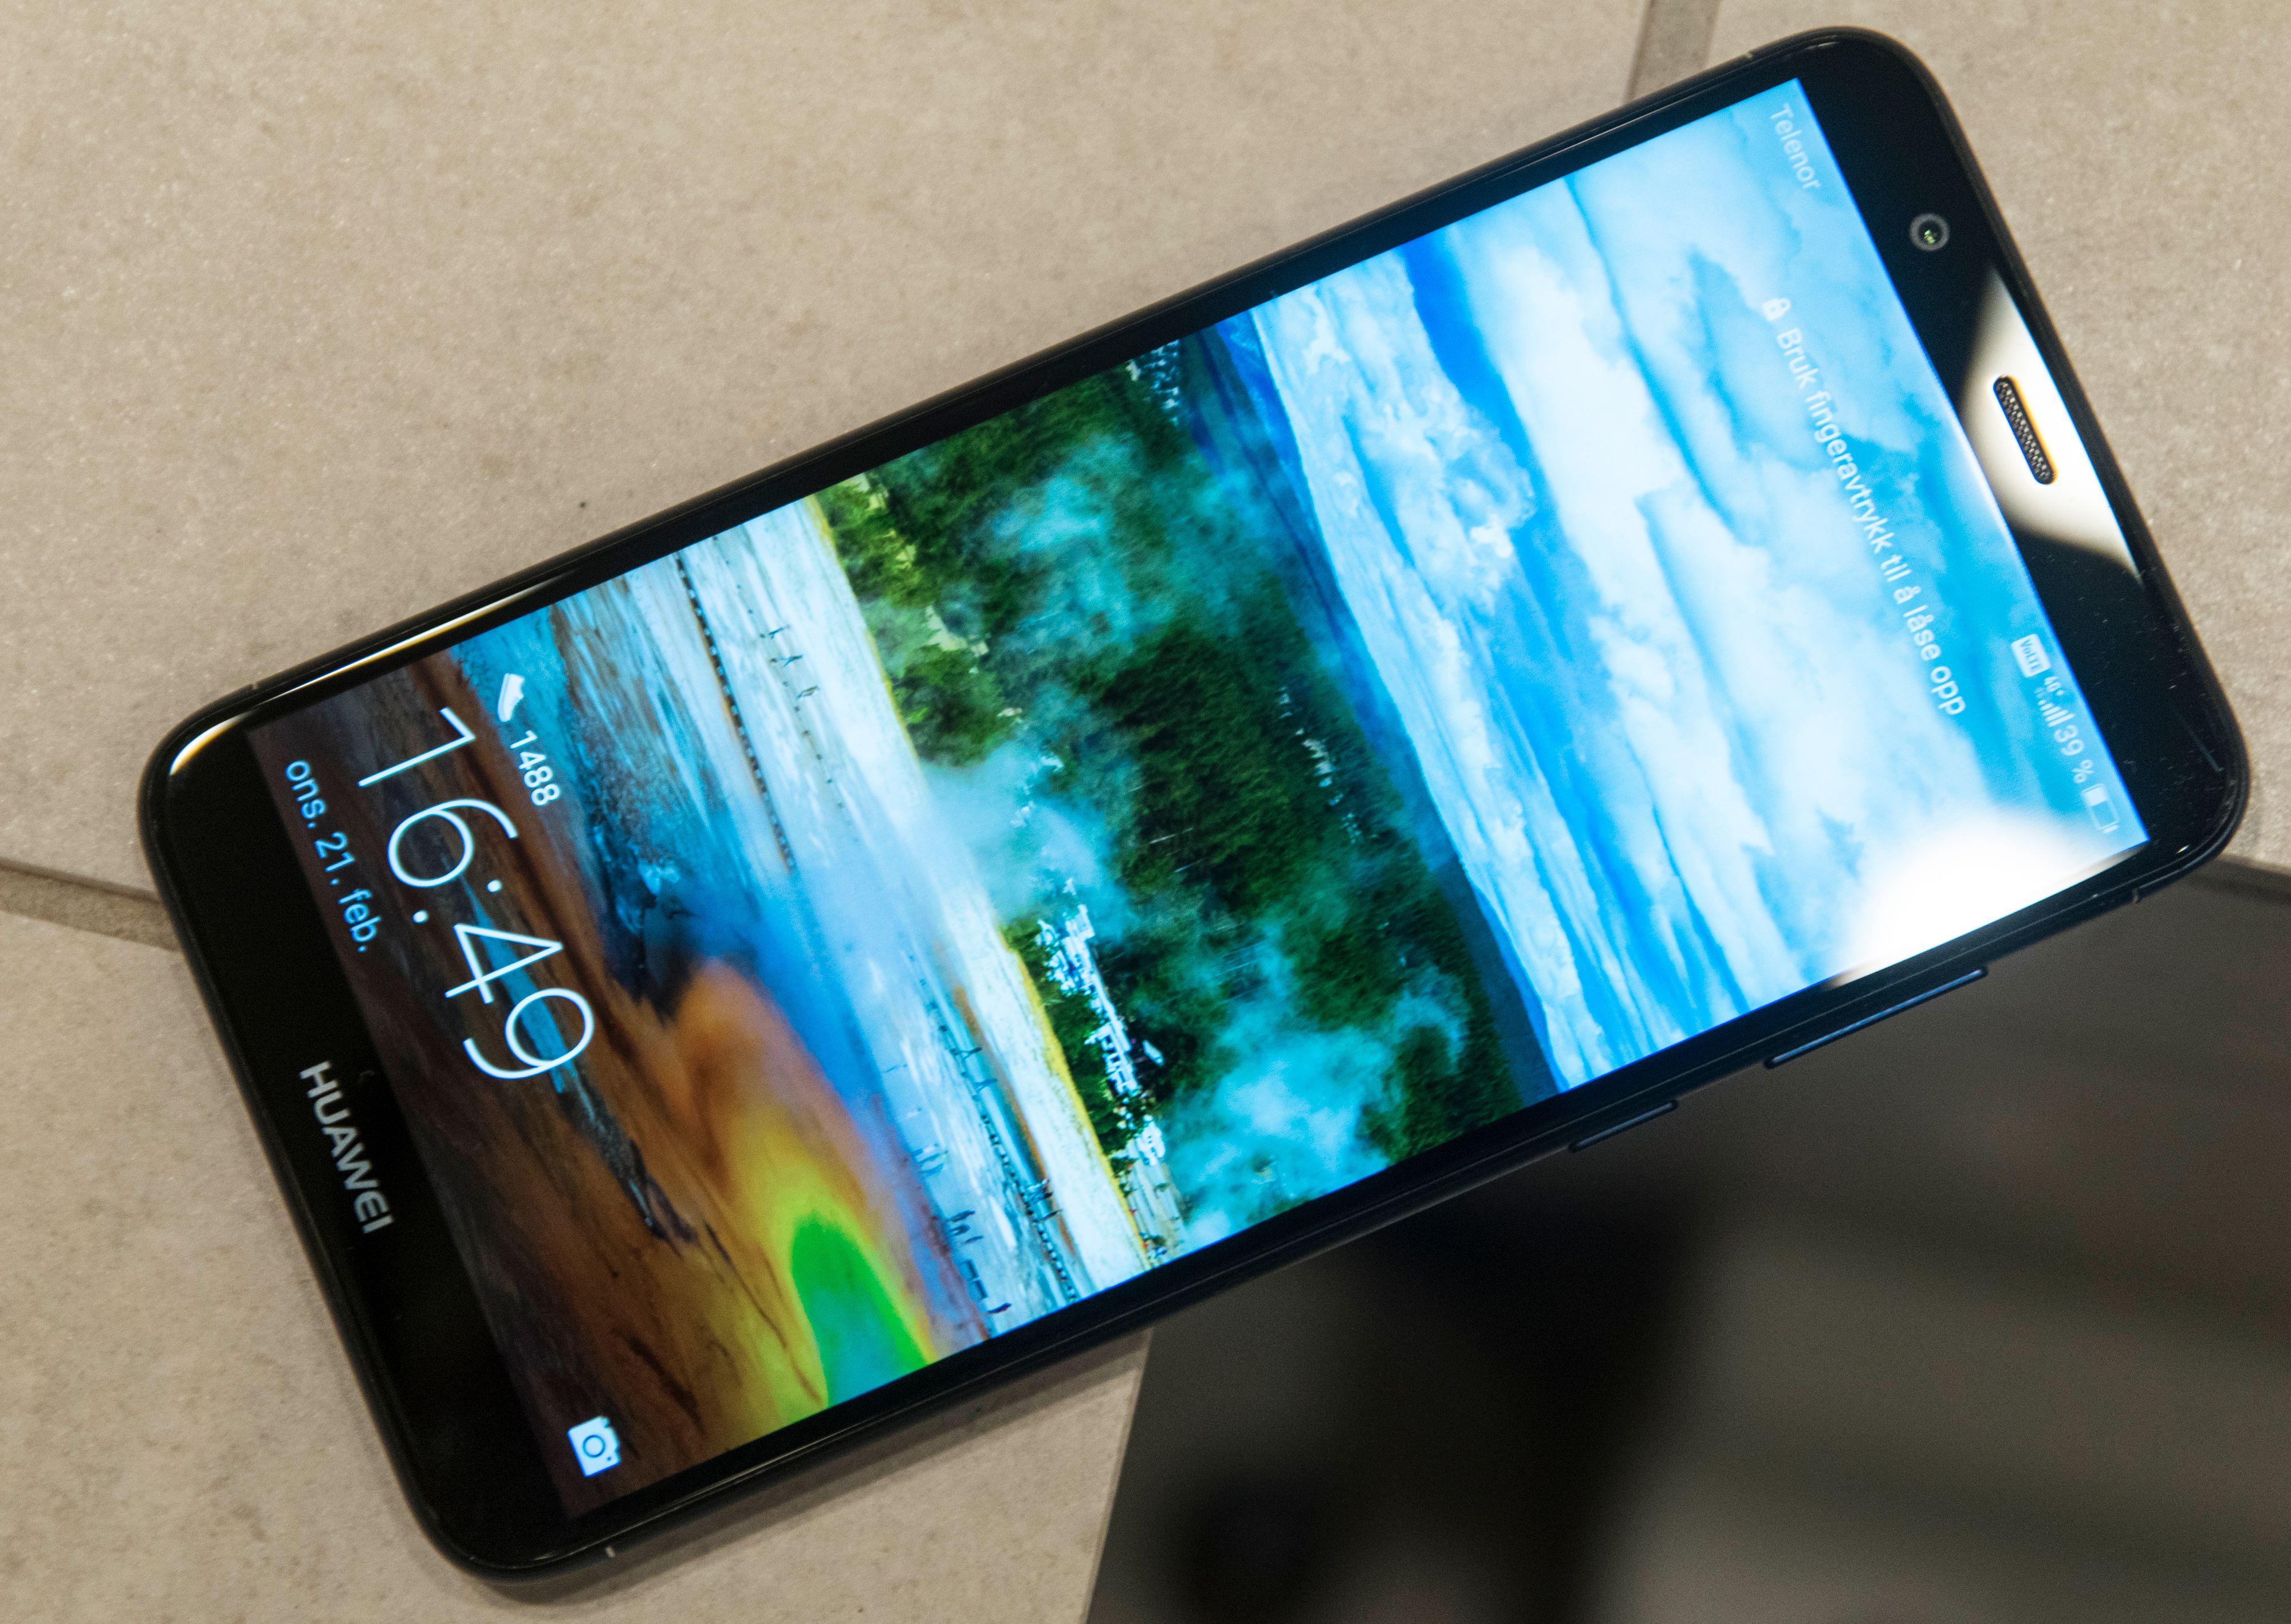 Ålreit skjerm med ålreit belegg som gjør at den ikke samler fingeravtrykk like heftig som mange av de rimeligere mobilene.